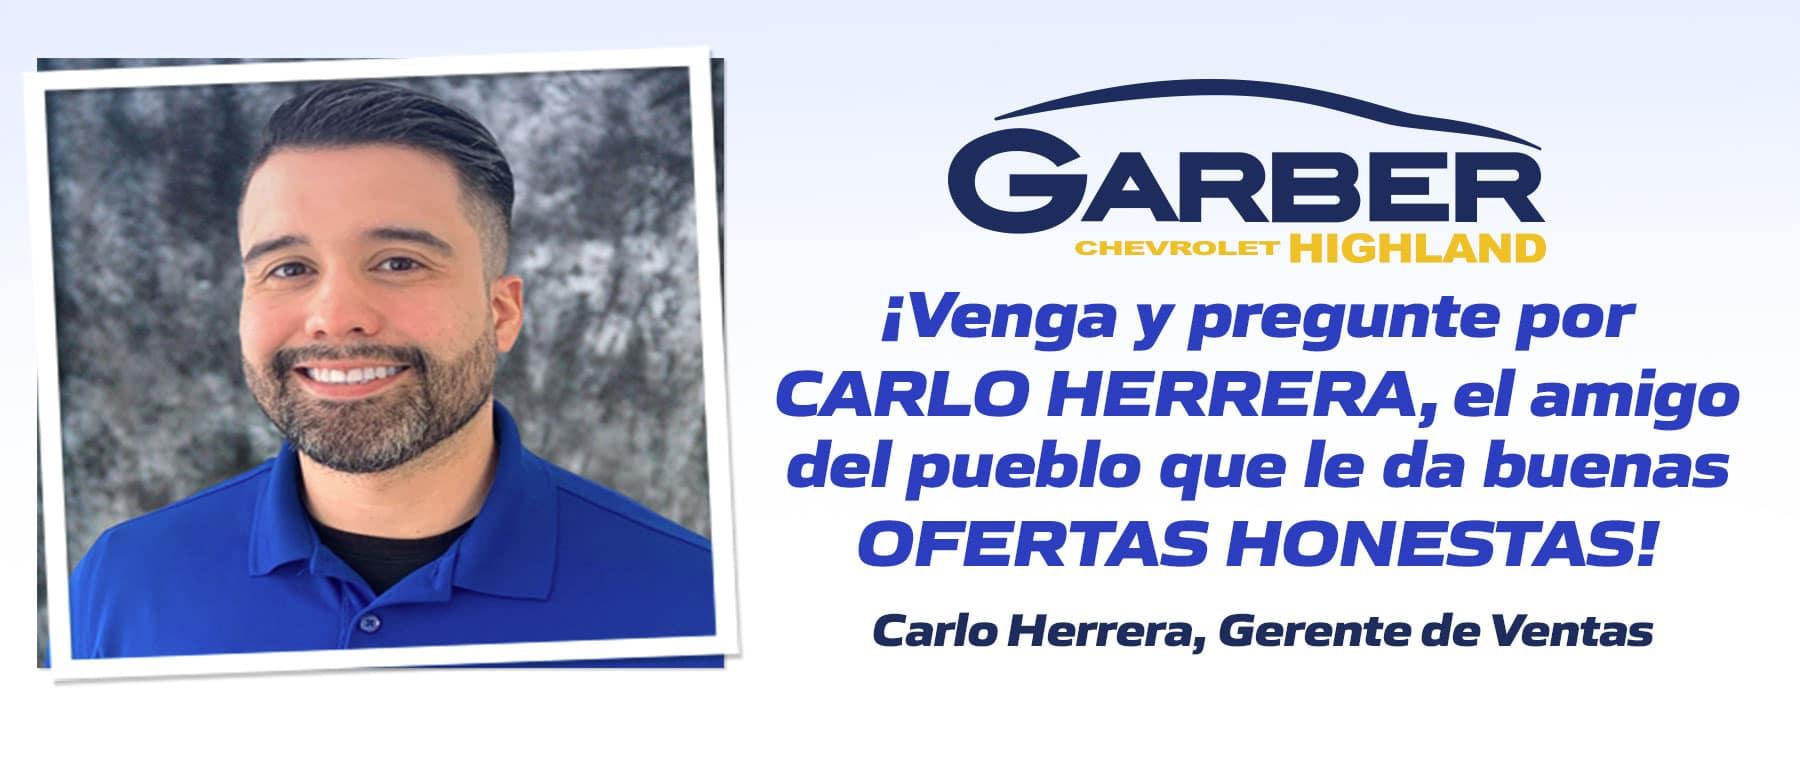 Carlo Herrera